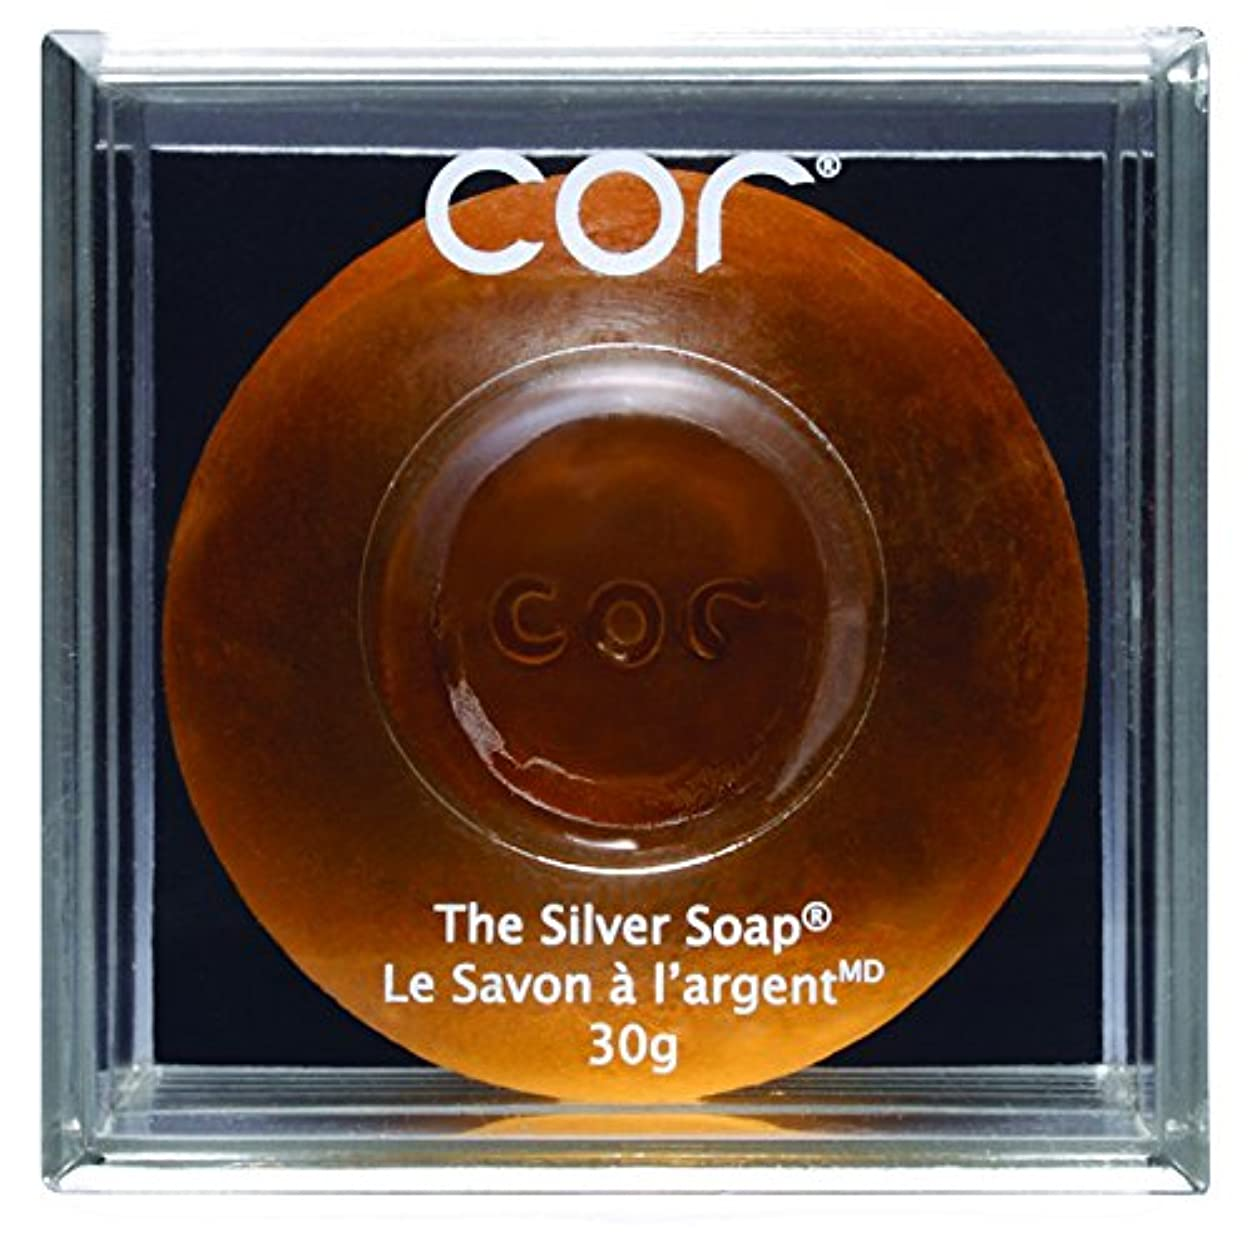 池日常的に重要な役割を果たす、中心的な手段となるCor Silver Soap - 30 G (並行輸入品) [並行輸入品]